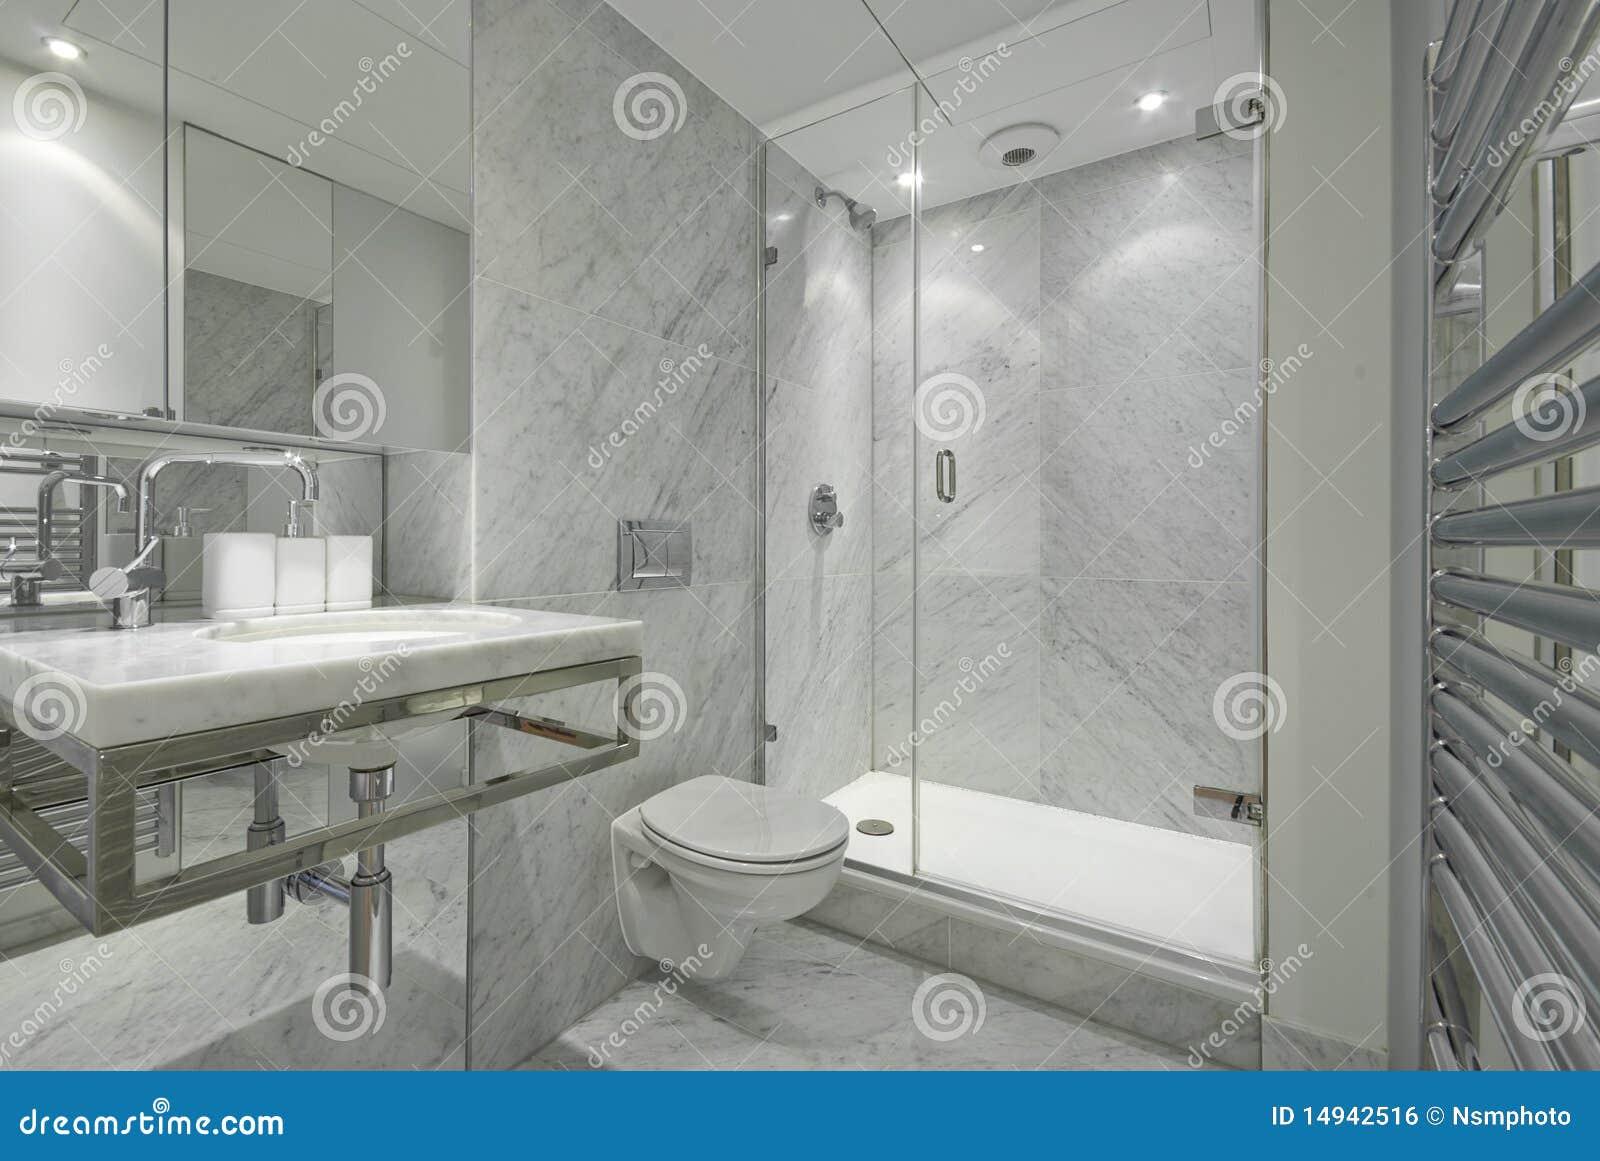 Moderne engelse reeks marmeren badkamers in wit royalty vrije stock afbeelding beeld 14942516 - Marmeren douche ...